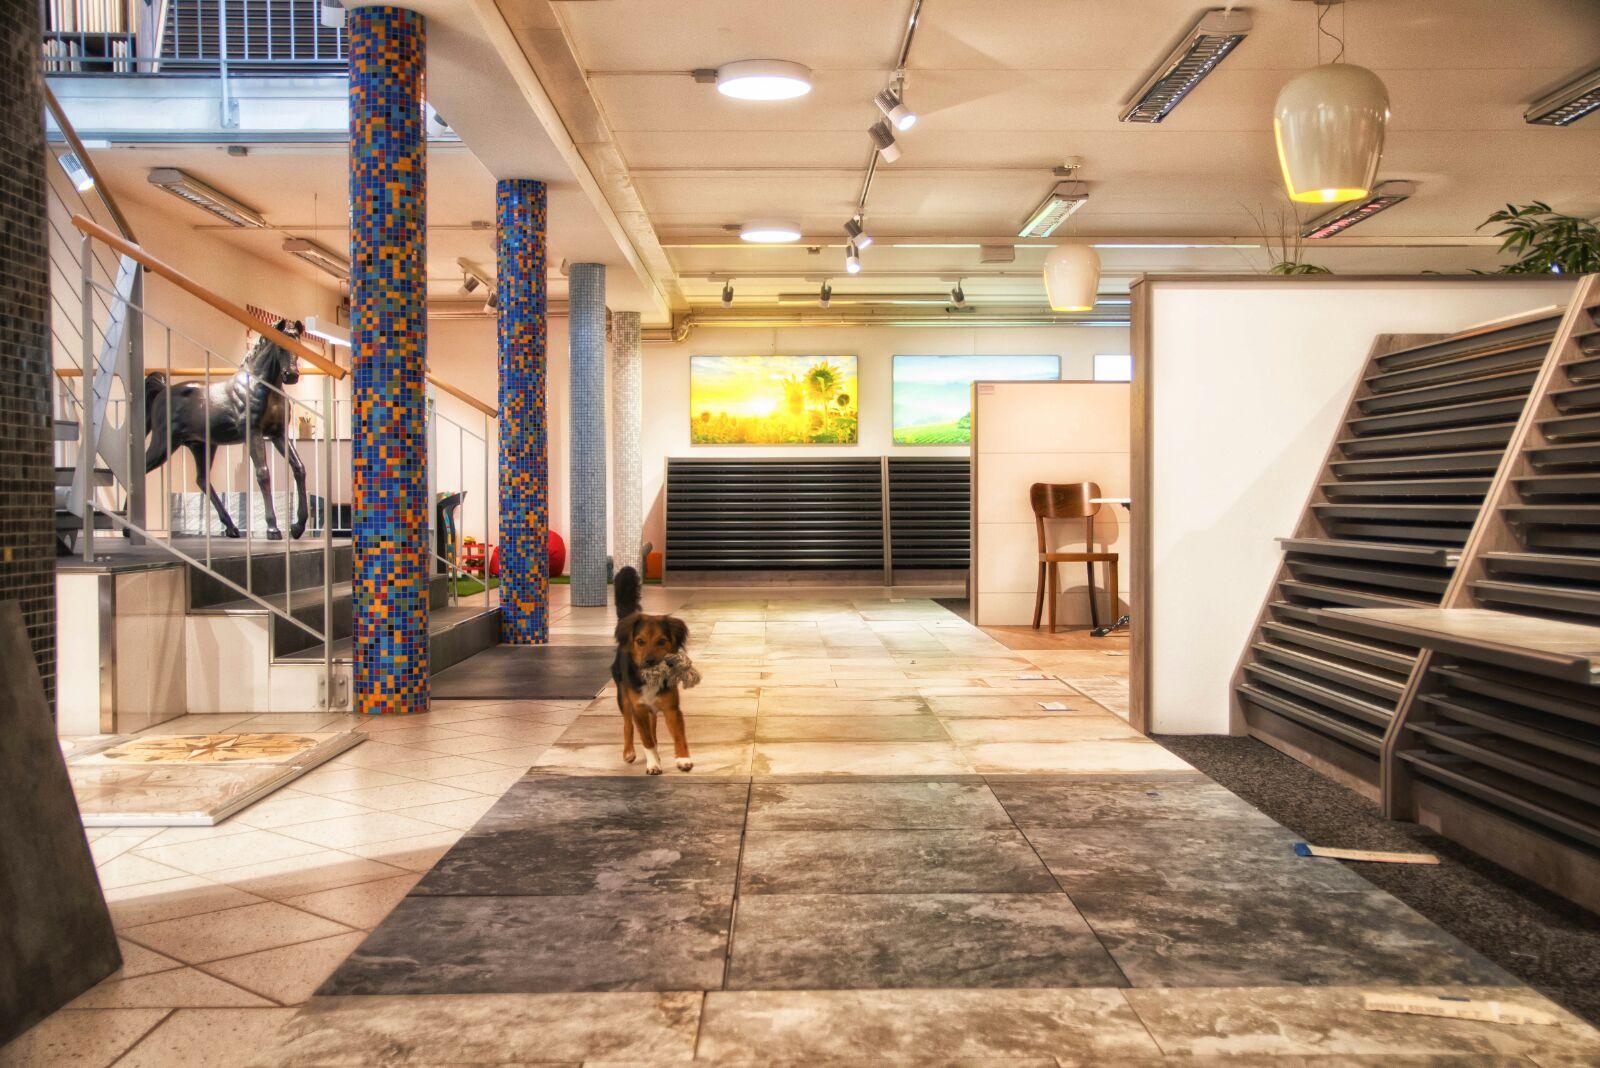 Ausstellung Reiter Fliesen mit Hund